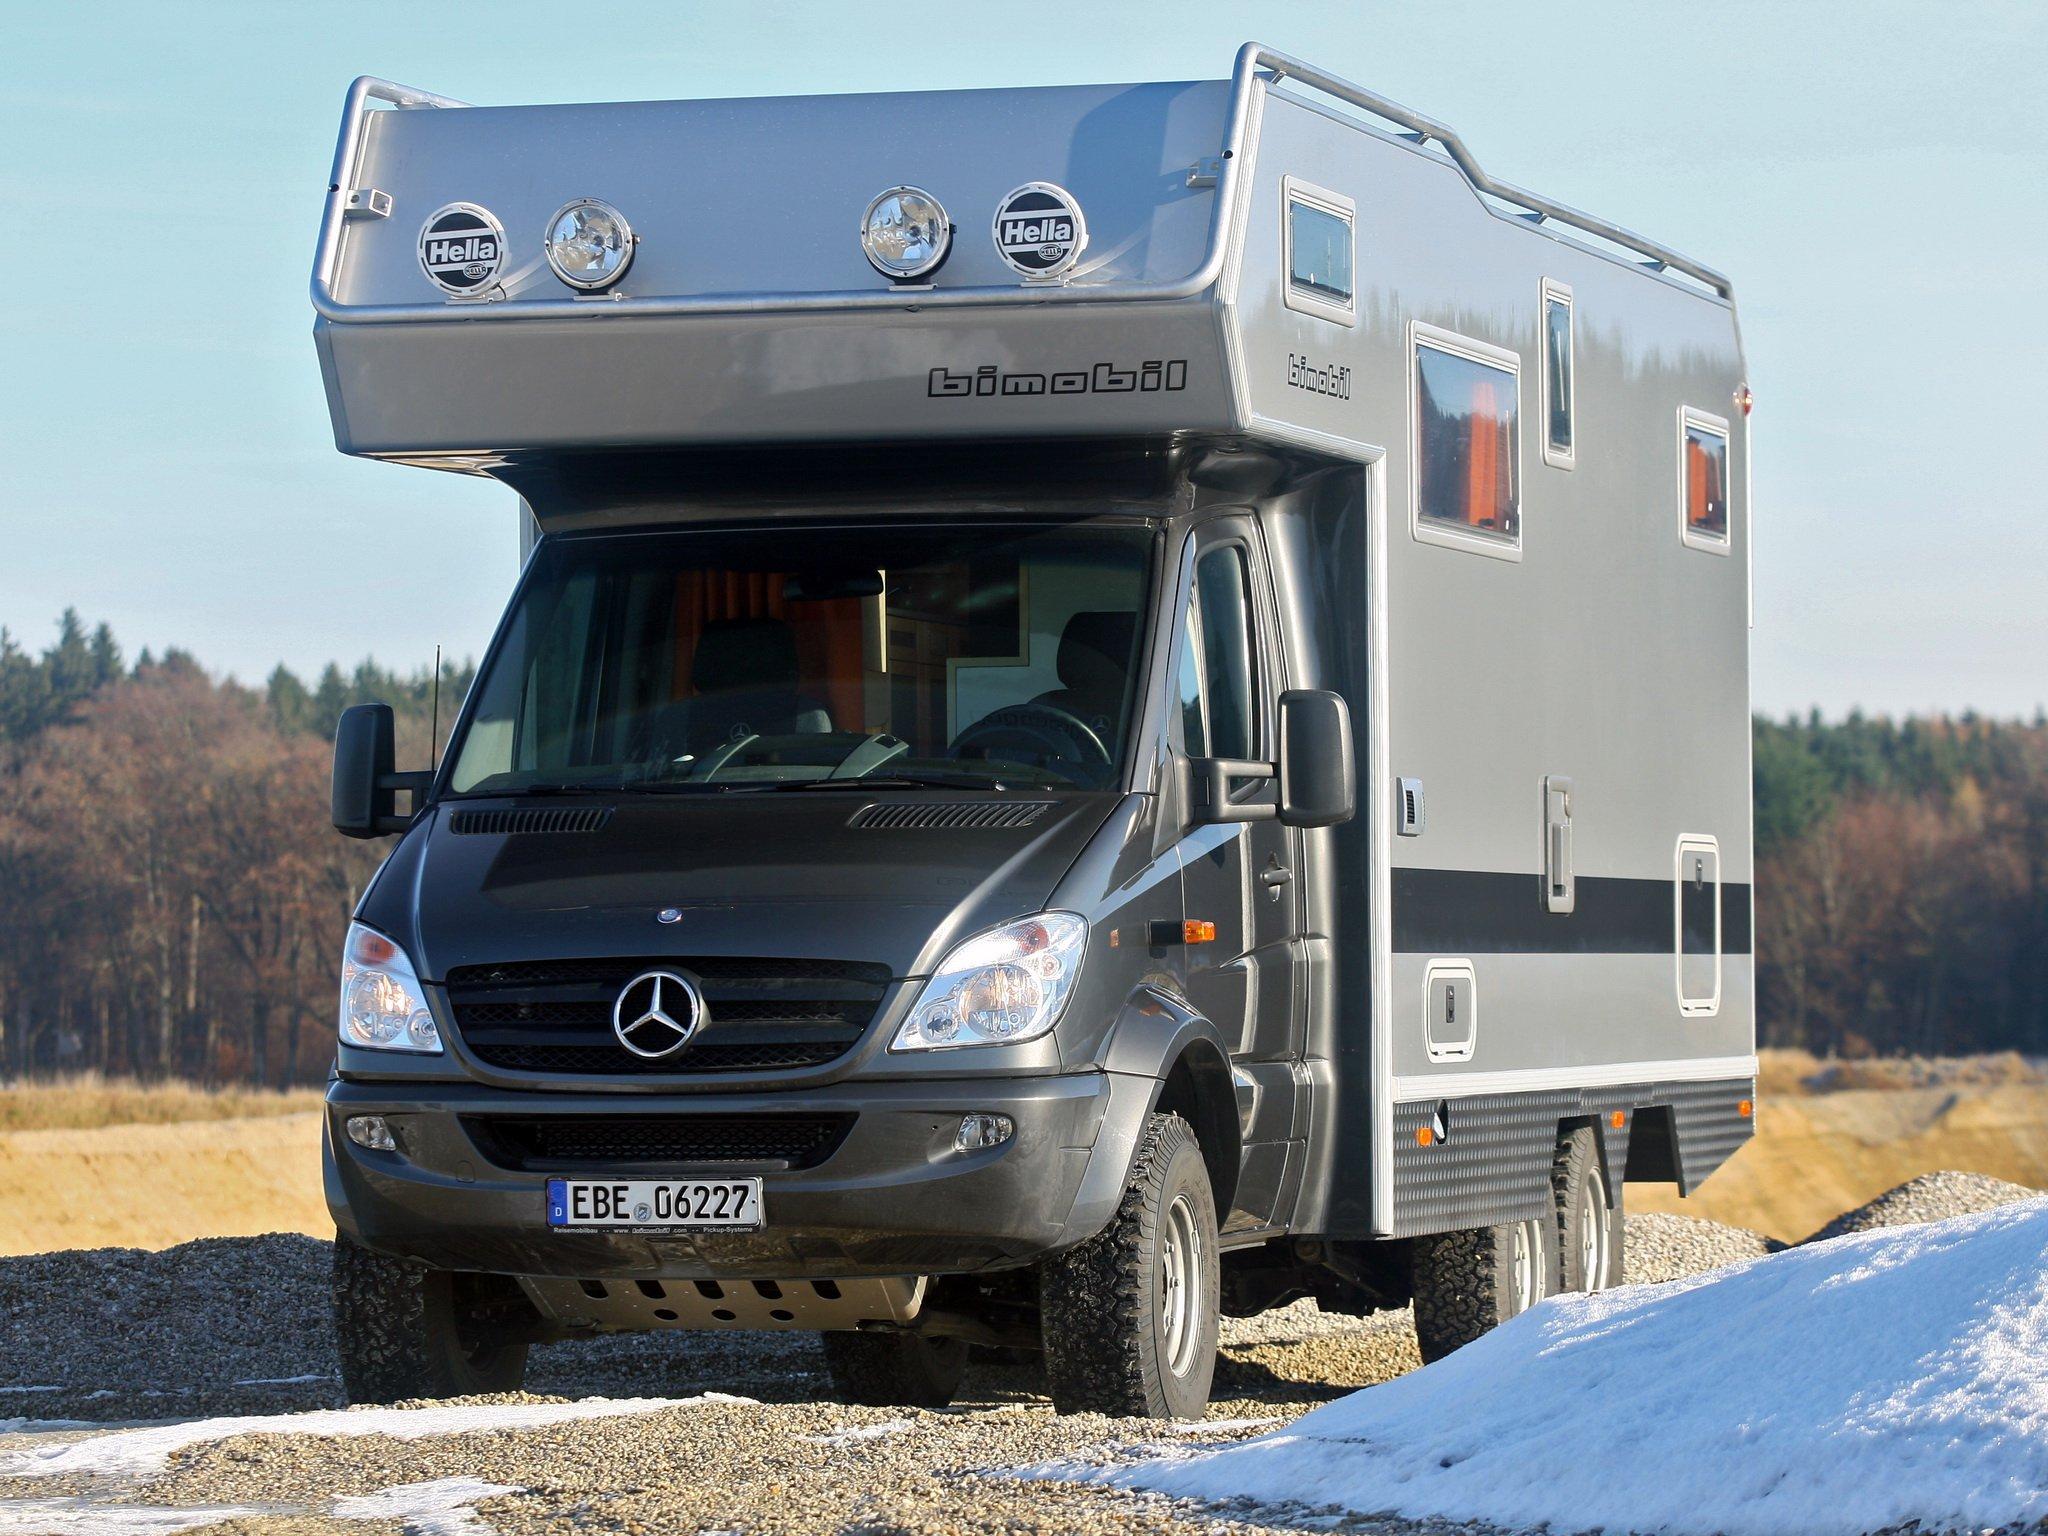 Mercedes Sprinter 4x4 Camper >> 2014 Bimobil EX 510 (906) mercedes benz motorhome camper r wallpaper   2048x1536   384243 ...